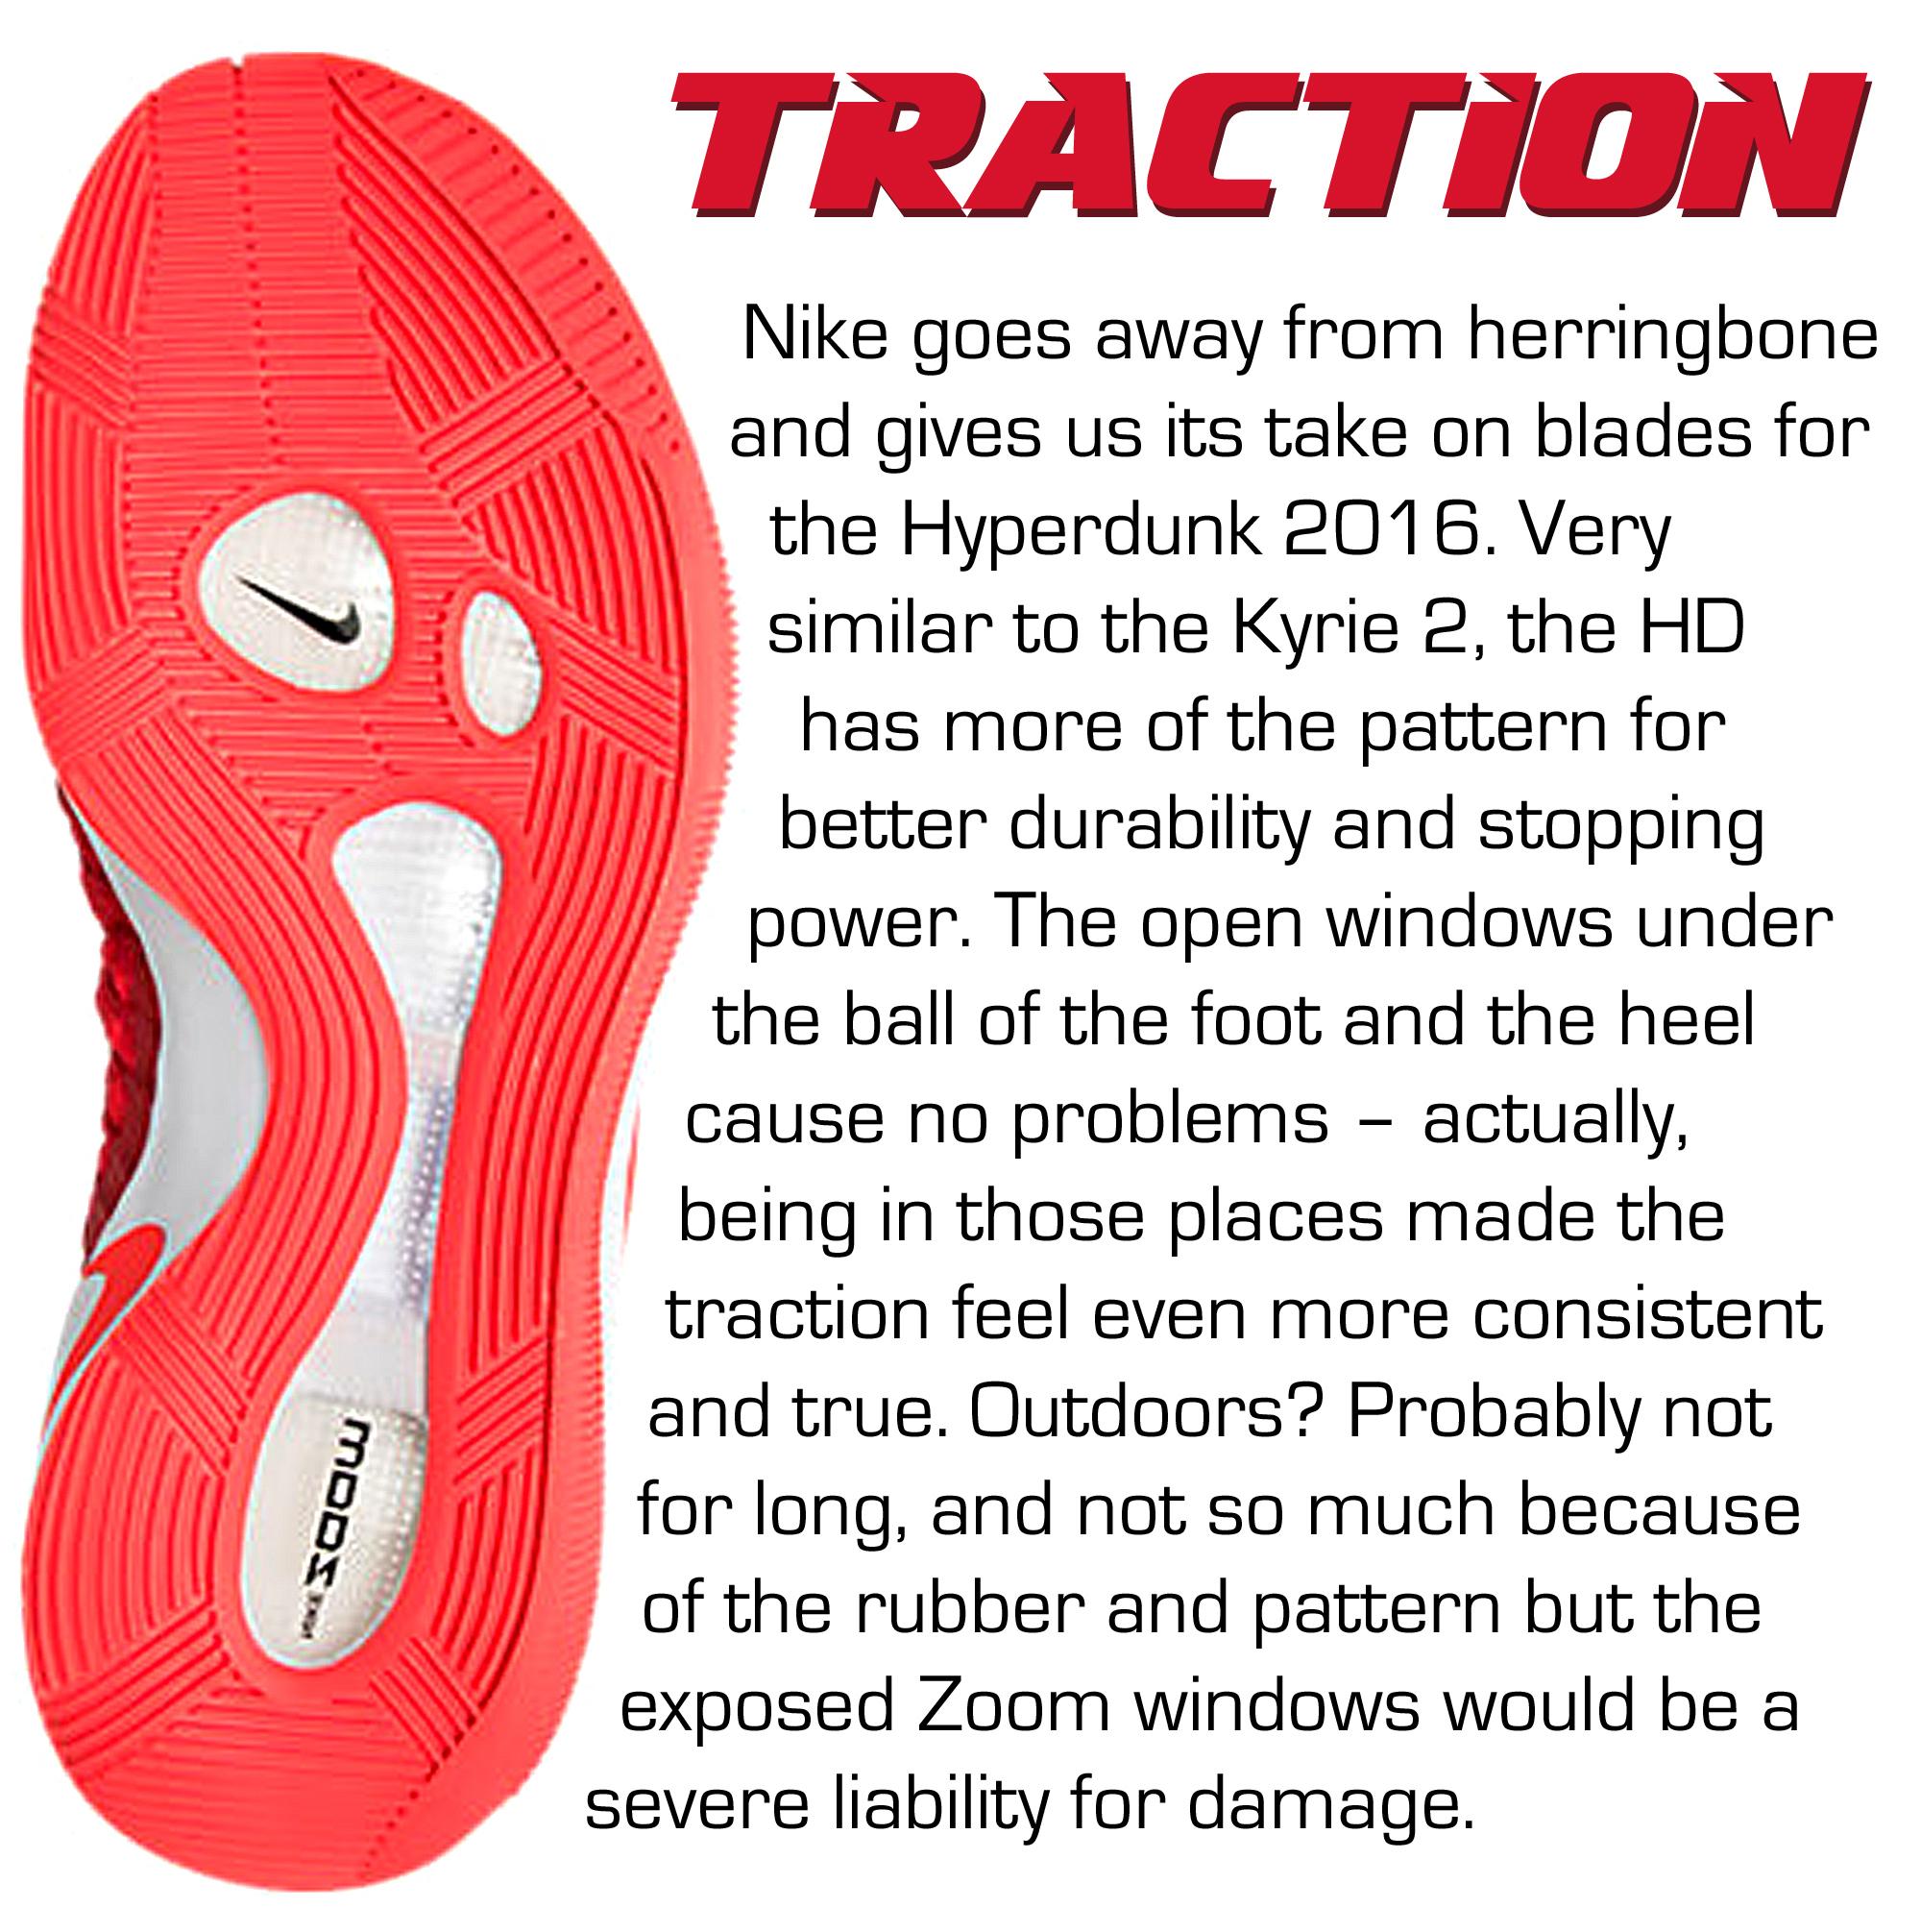 HyperDunk High - Traction 2